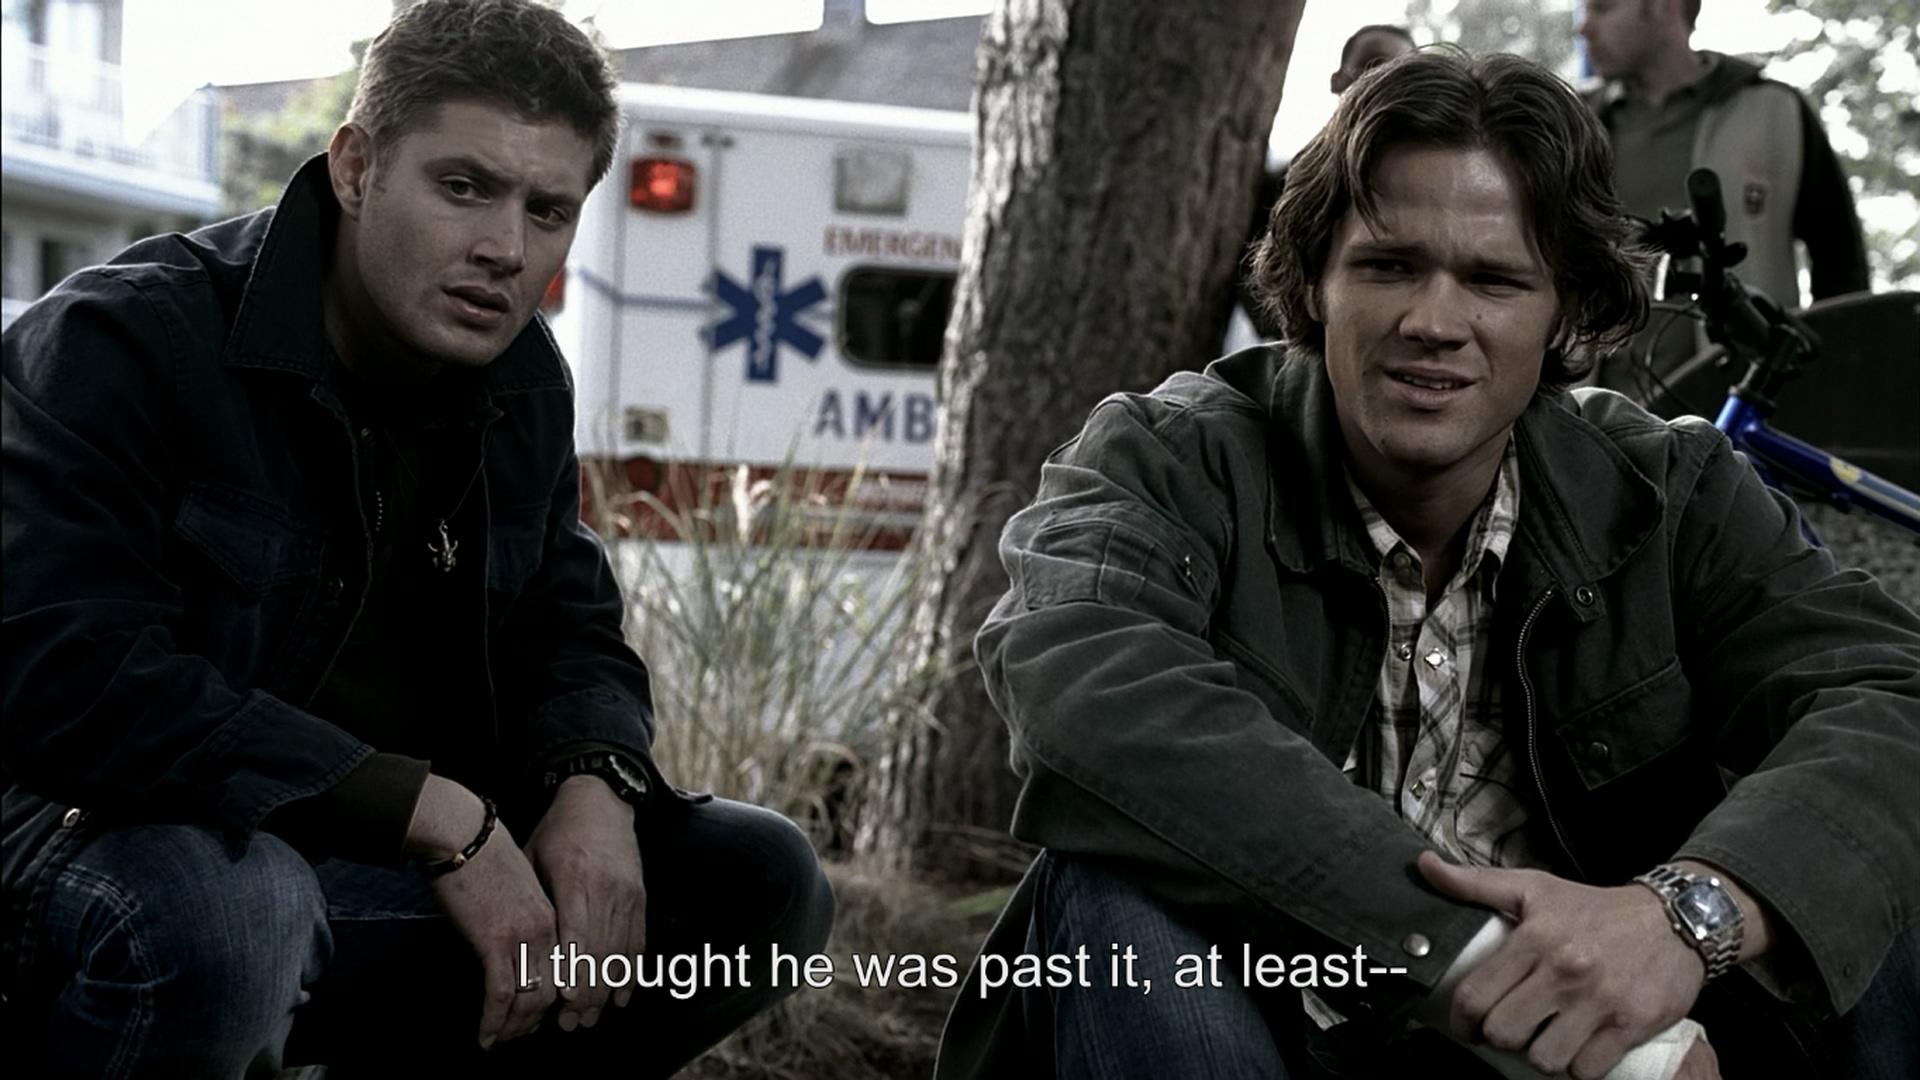 Supernatural S02 + Extras x265 10Bits 1080p